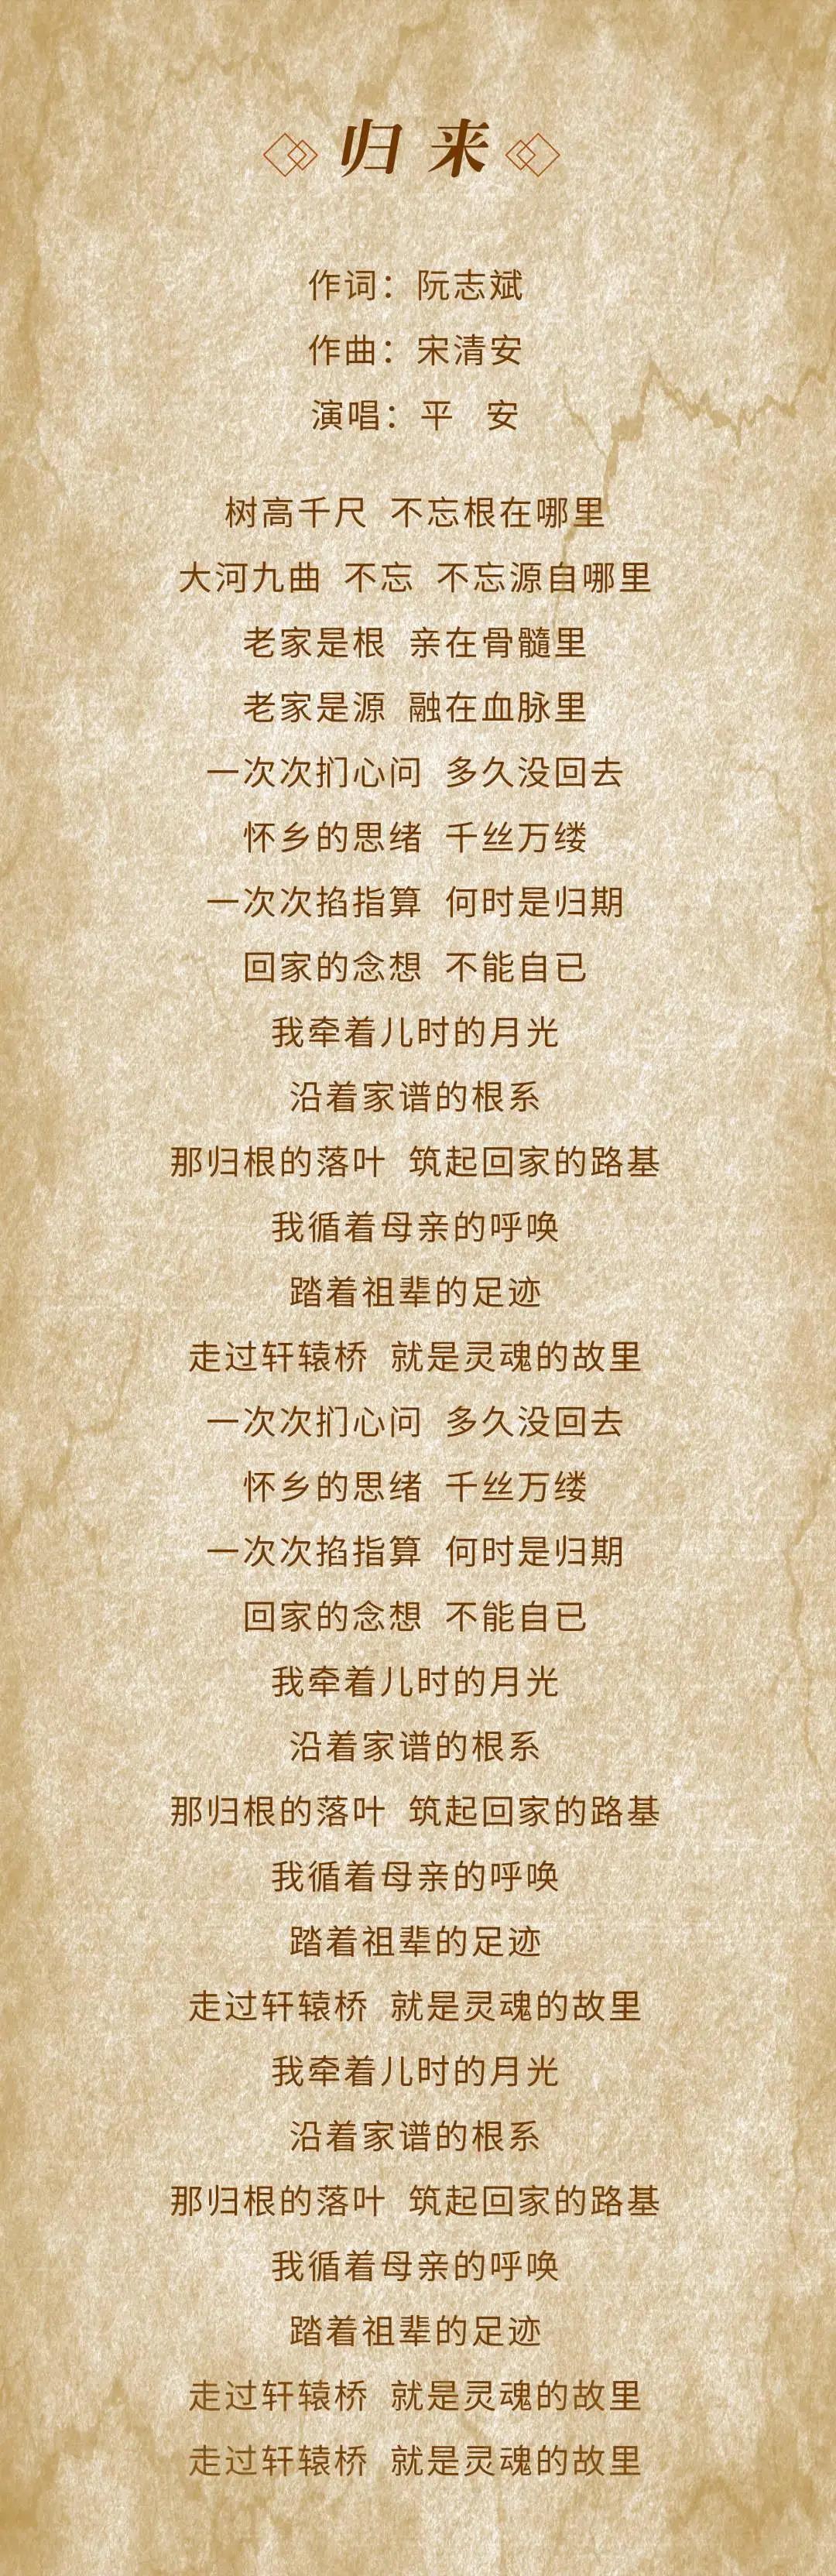 《归来》!庚子年黄帝故里拜祖大典献礼音乐片首发